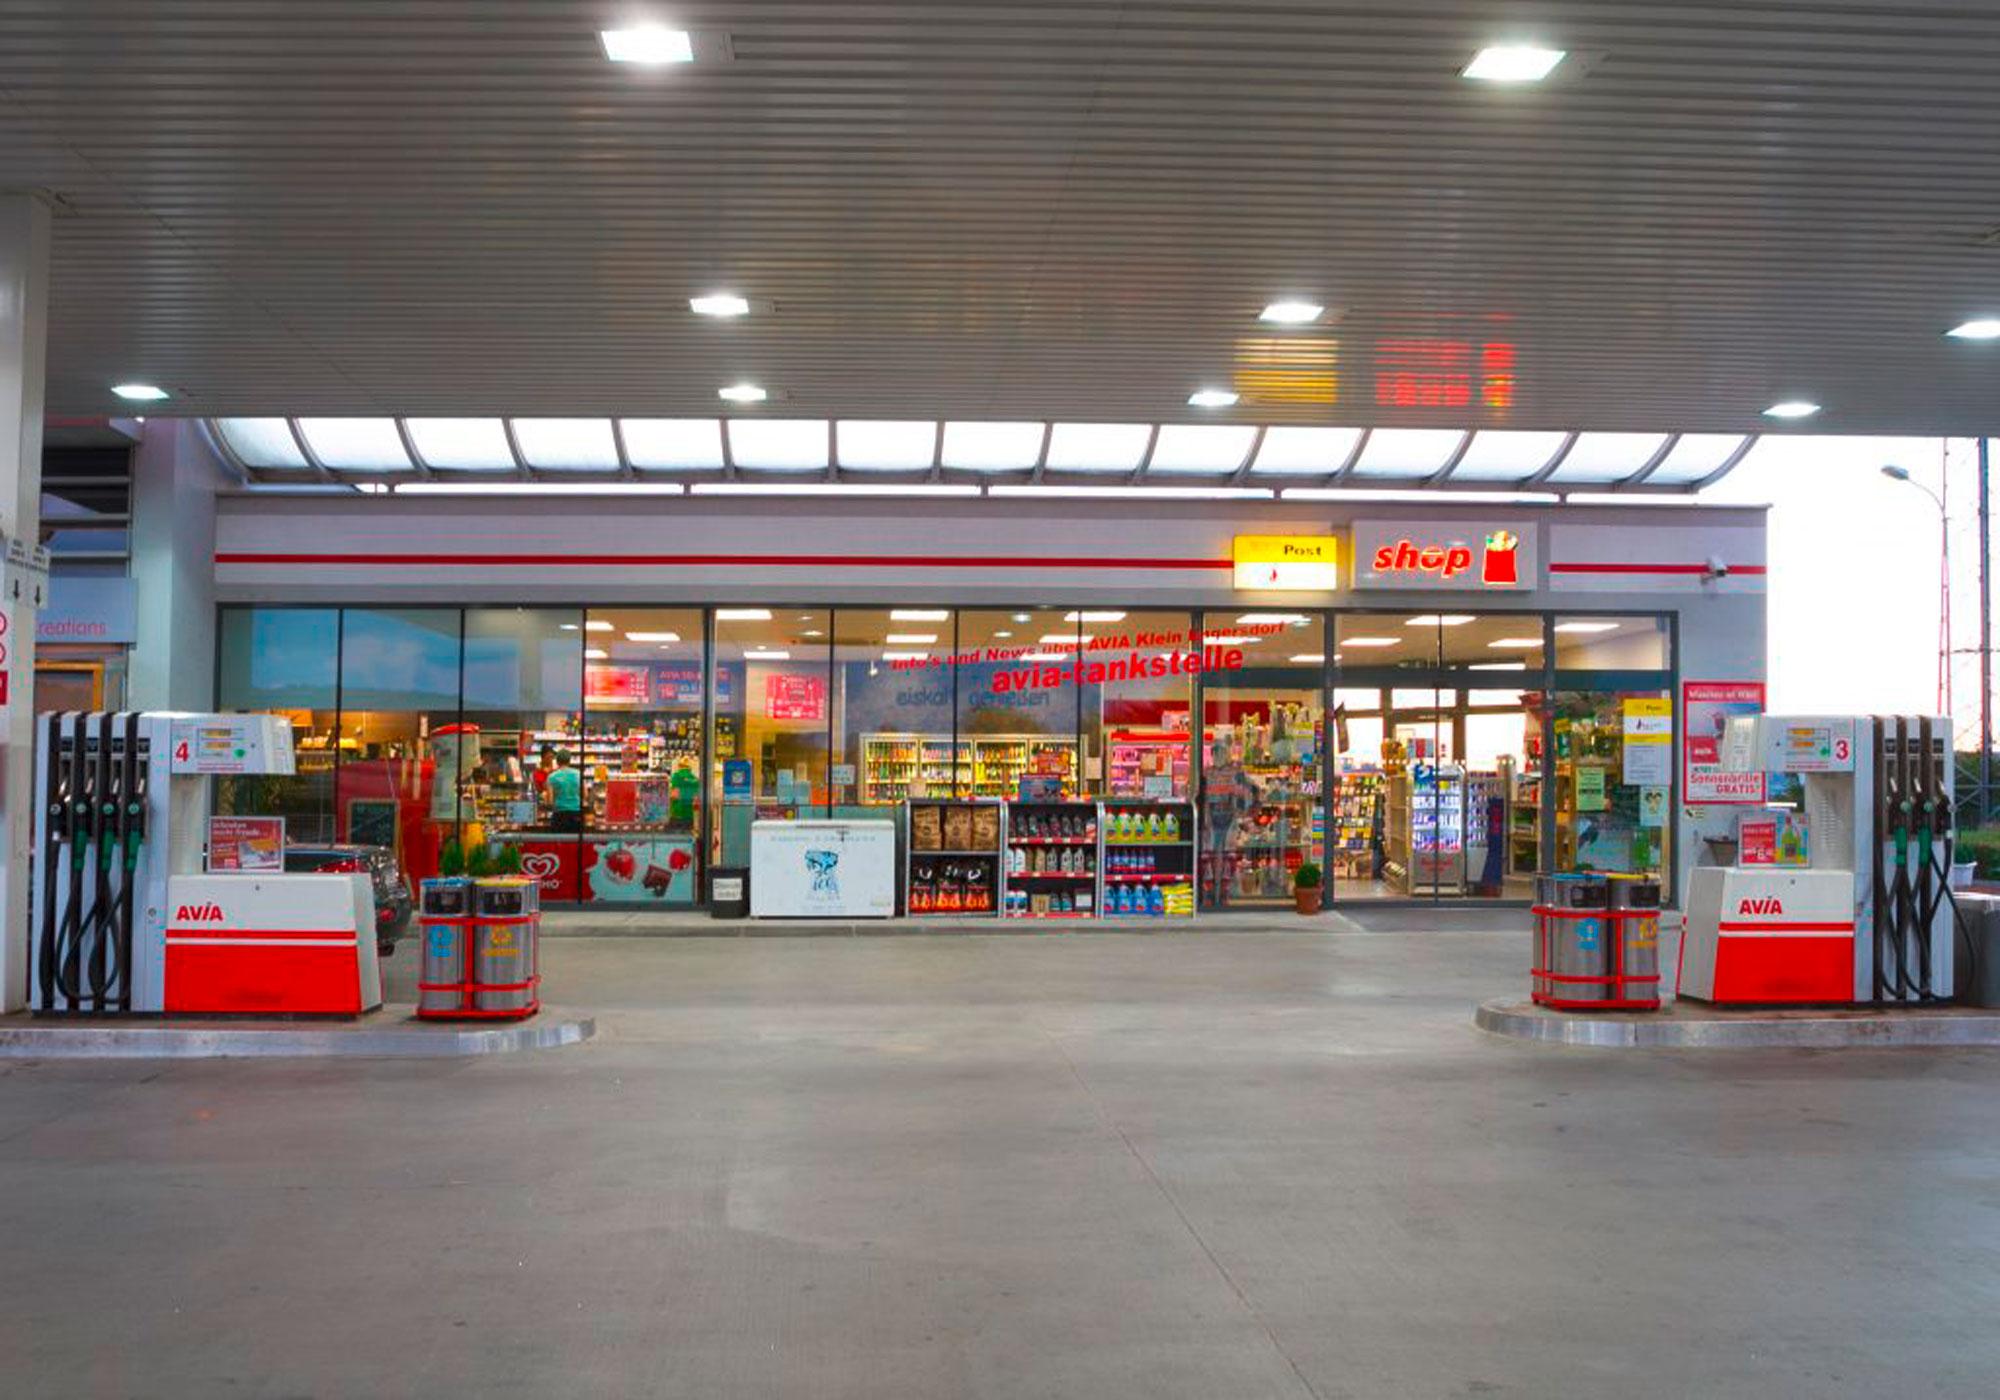 Tank & Shop